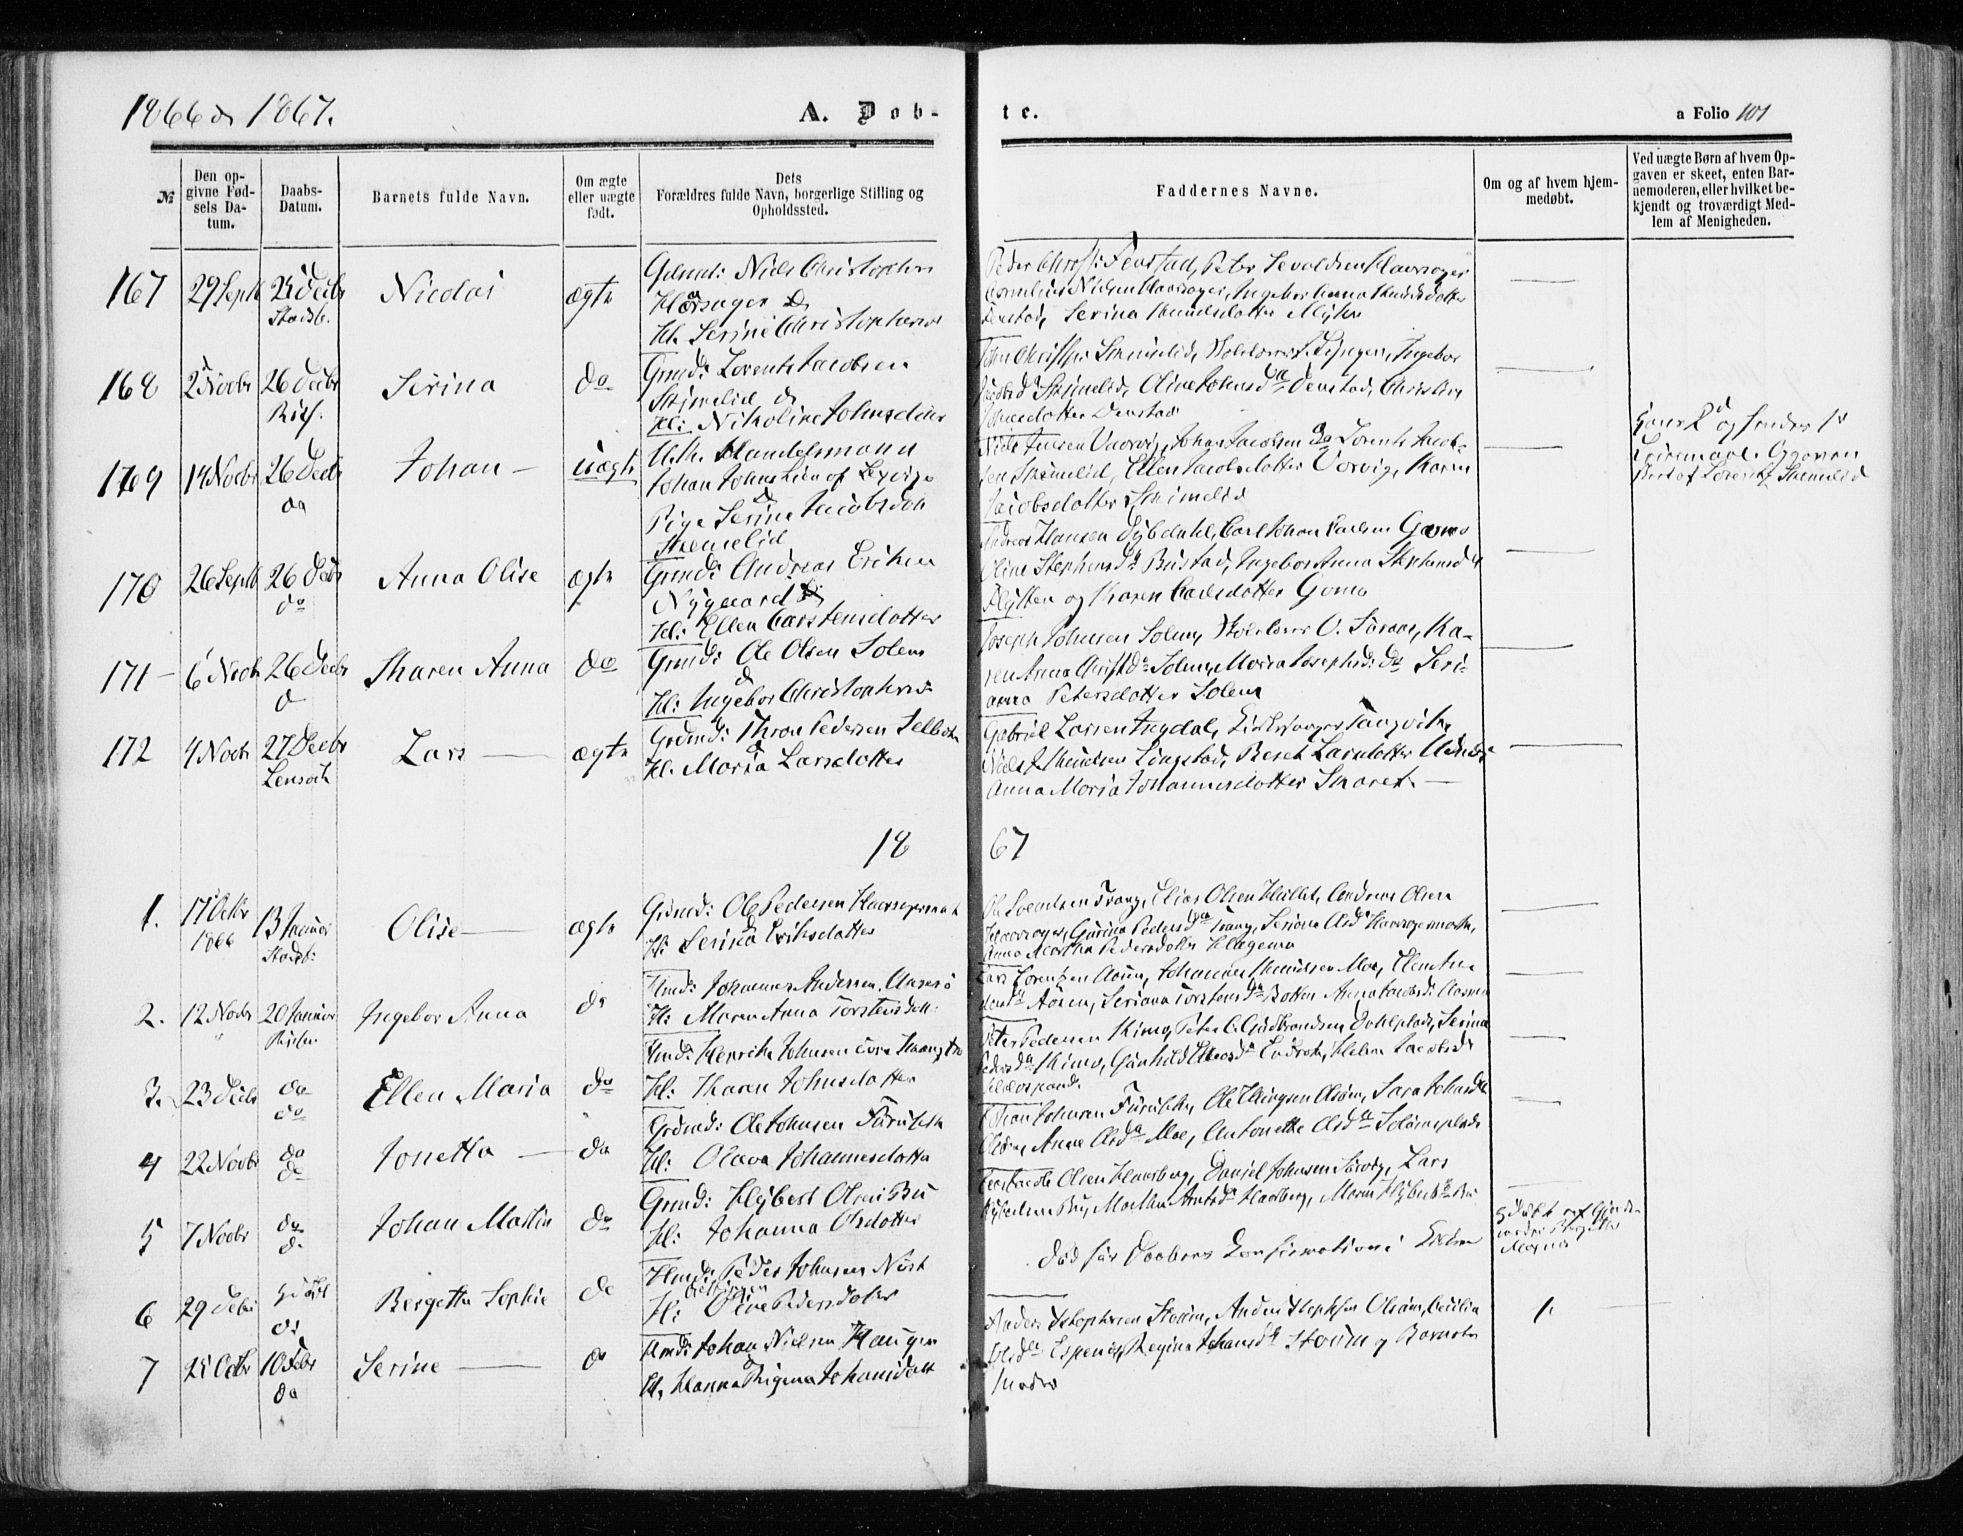 SAT, Ministerialprotokoller, klokkerbøker og fødselsregistre - Sør-Trøndelag, 646/L0612: Ministerialbok nr. 646A10, 1858-1869, s. 101